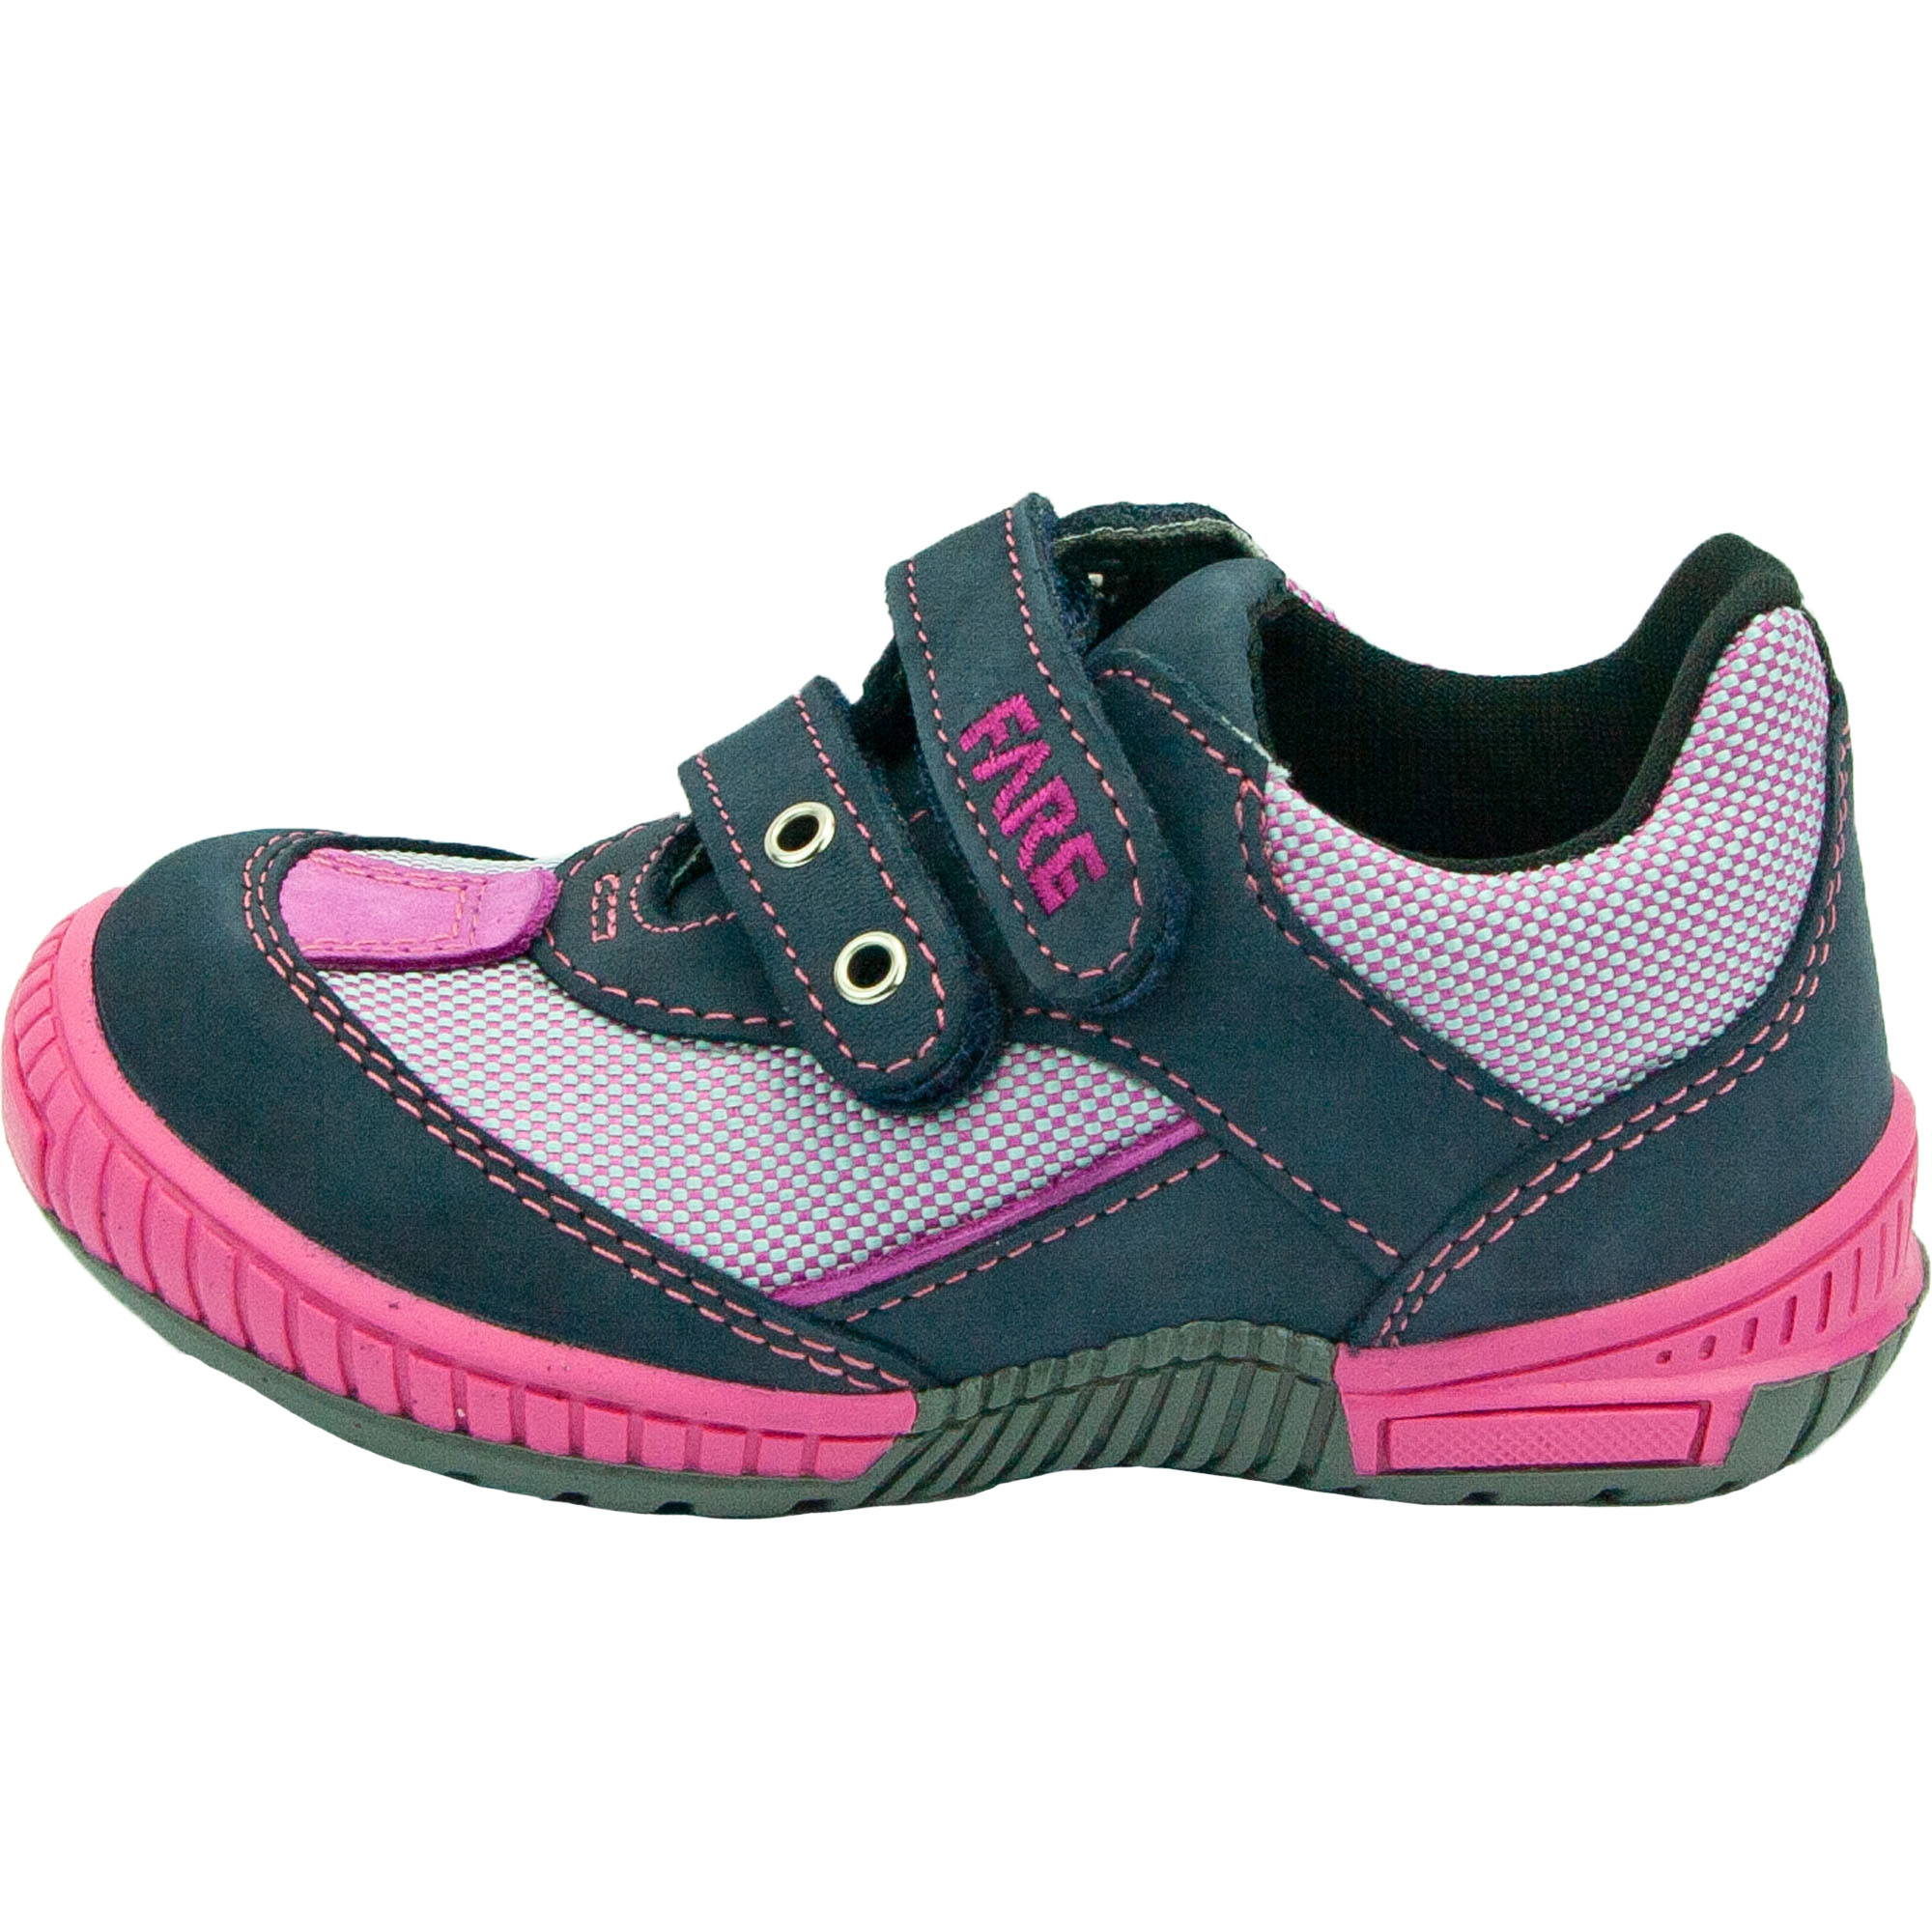 aac7d0b837 Fare celoroční dětská obuv 814251